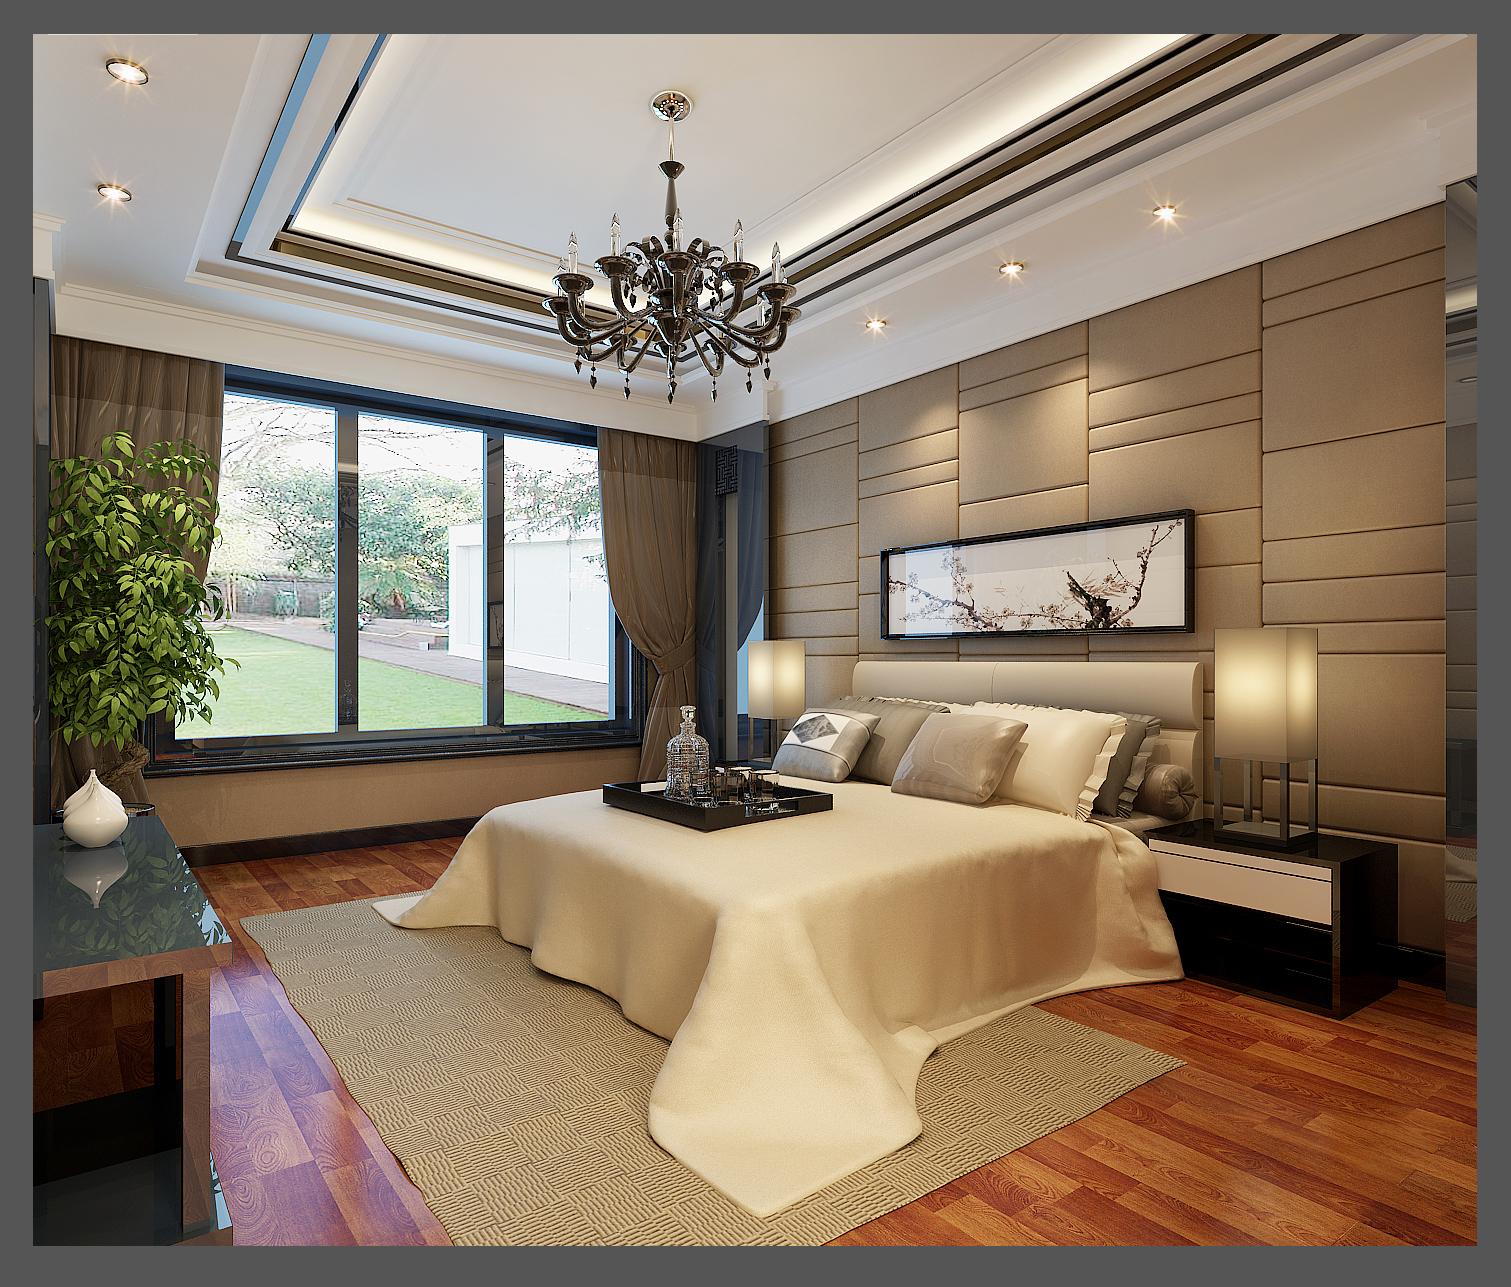 别墅装修 别墅设计 装修设计 尚层装饰 北京尚层 软装配饰 卧室图片来自北京别墅装饰在家的避风港的分享